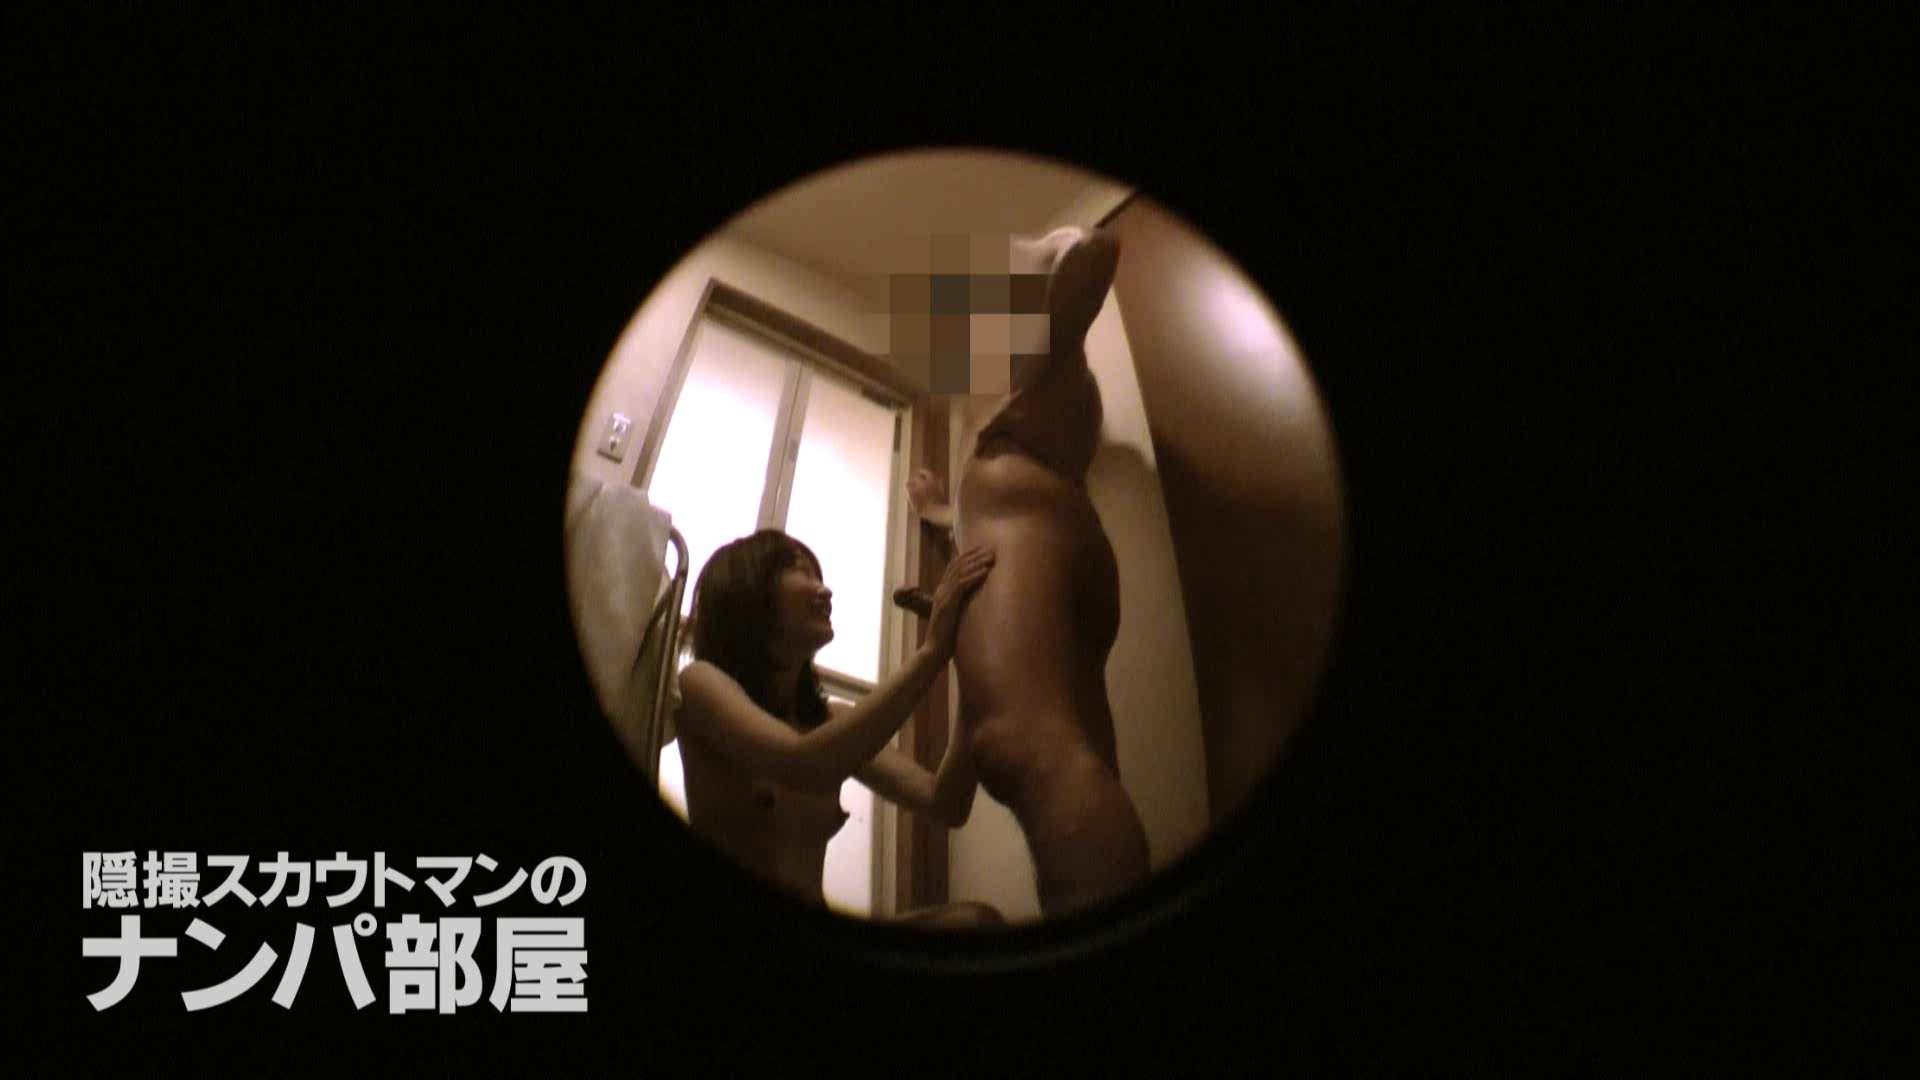 隠撮スカウトマンのナンパ部屋~風俗デビュー前のつまみ食い~ siivol.4 隠撮  74pic 35